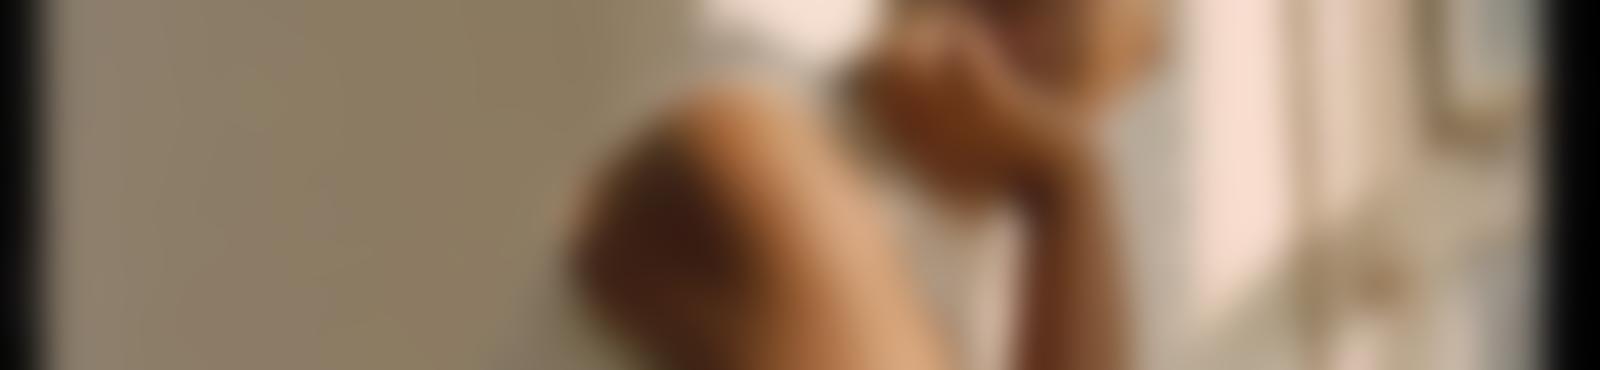 Blurred 49759786 c7af 449e 8939 0d36e2d75014